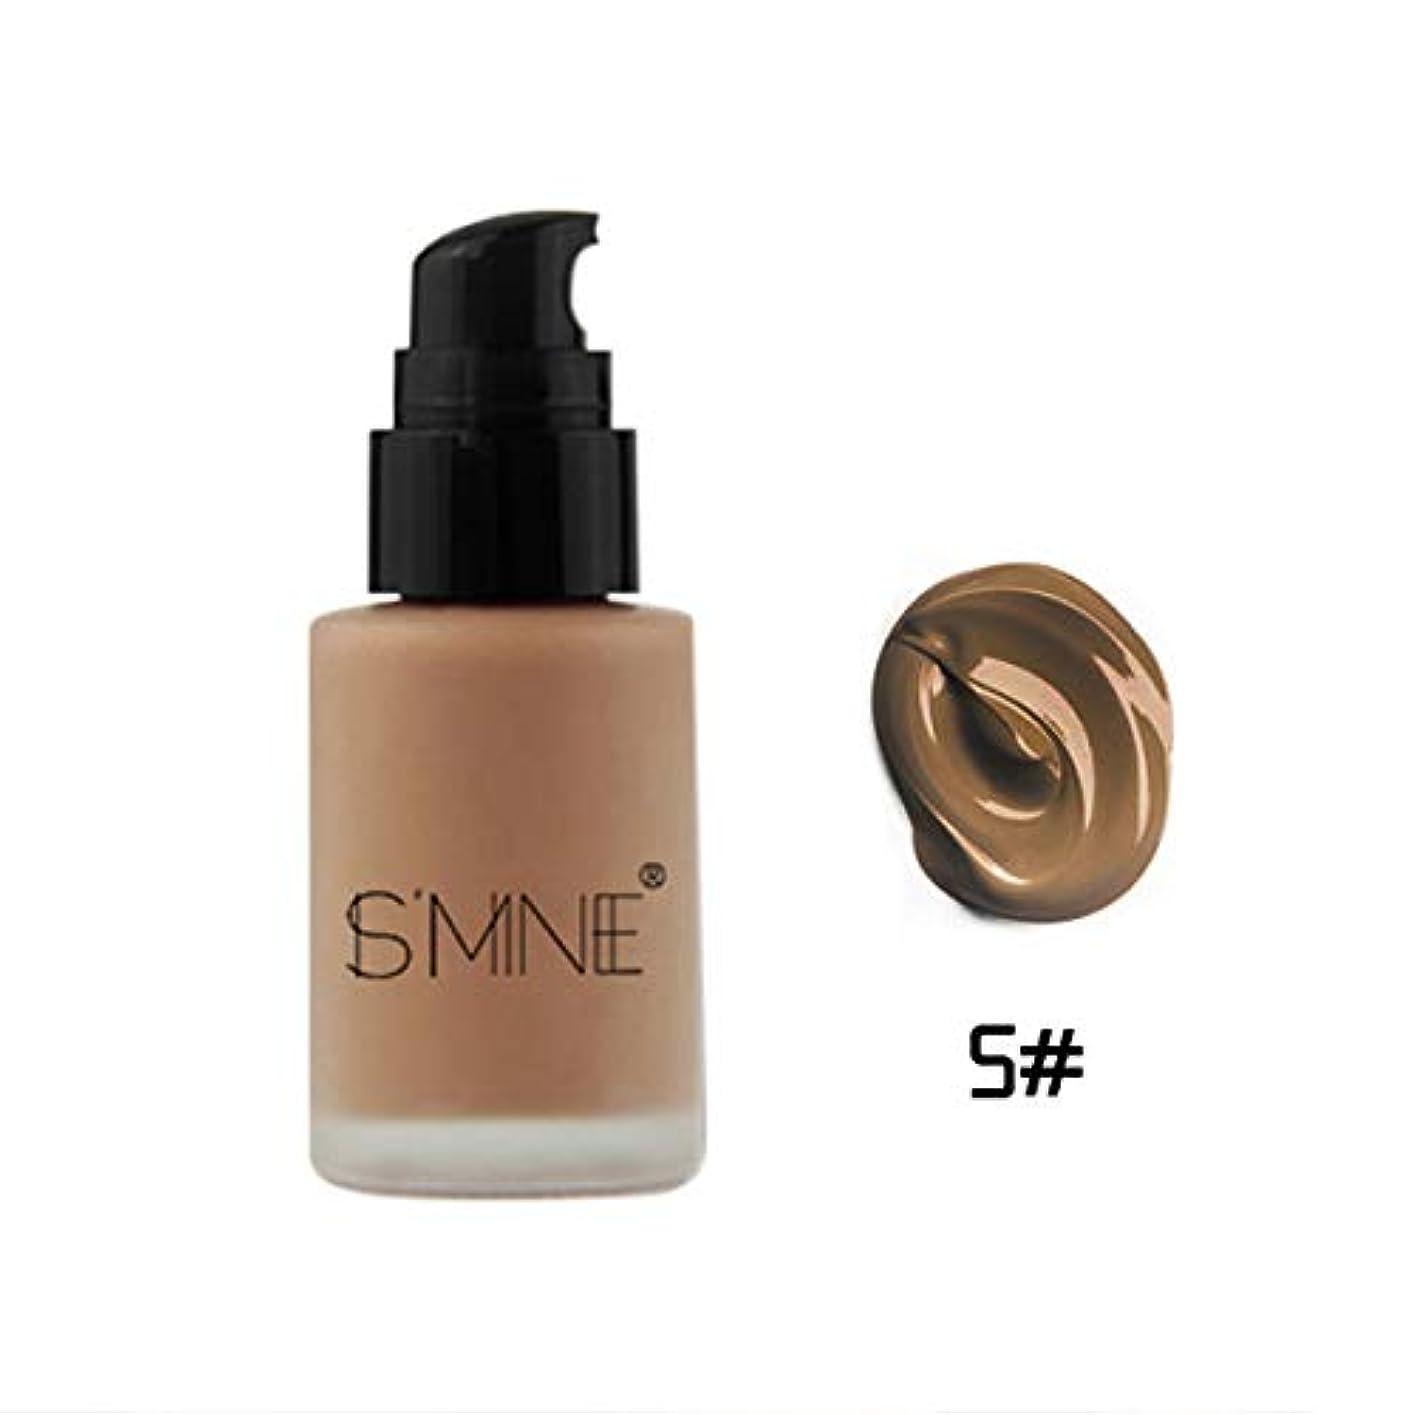 ヘア露出度の高いお香Symboat BBクリーム 女性 フェイスコンシーラー 美白 保湿 防水 ロングラスティングメイクアップ 健康的な自然な肌色 素肌感 化粧品